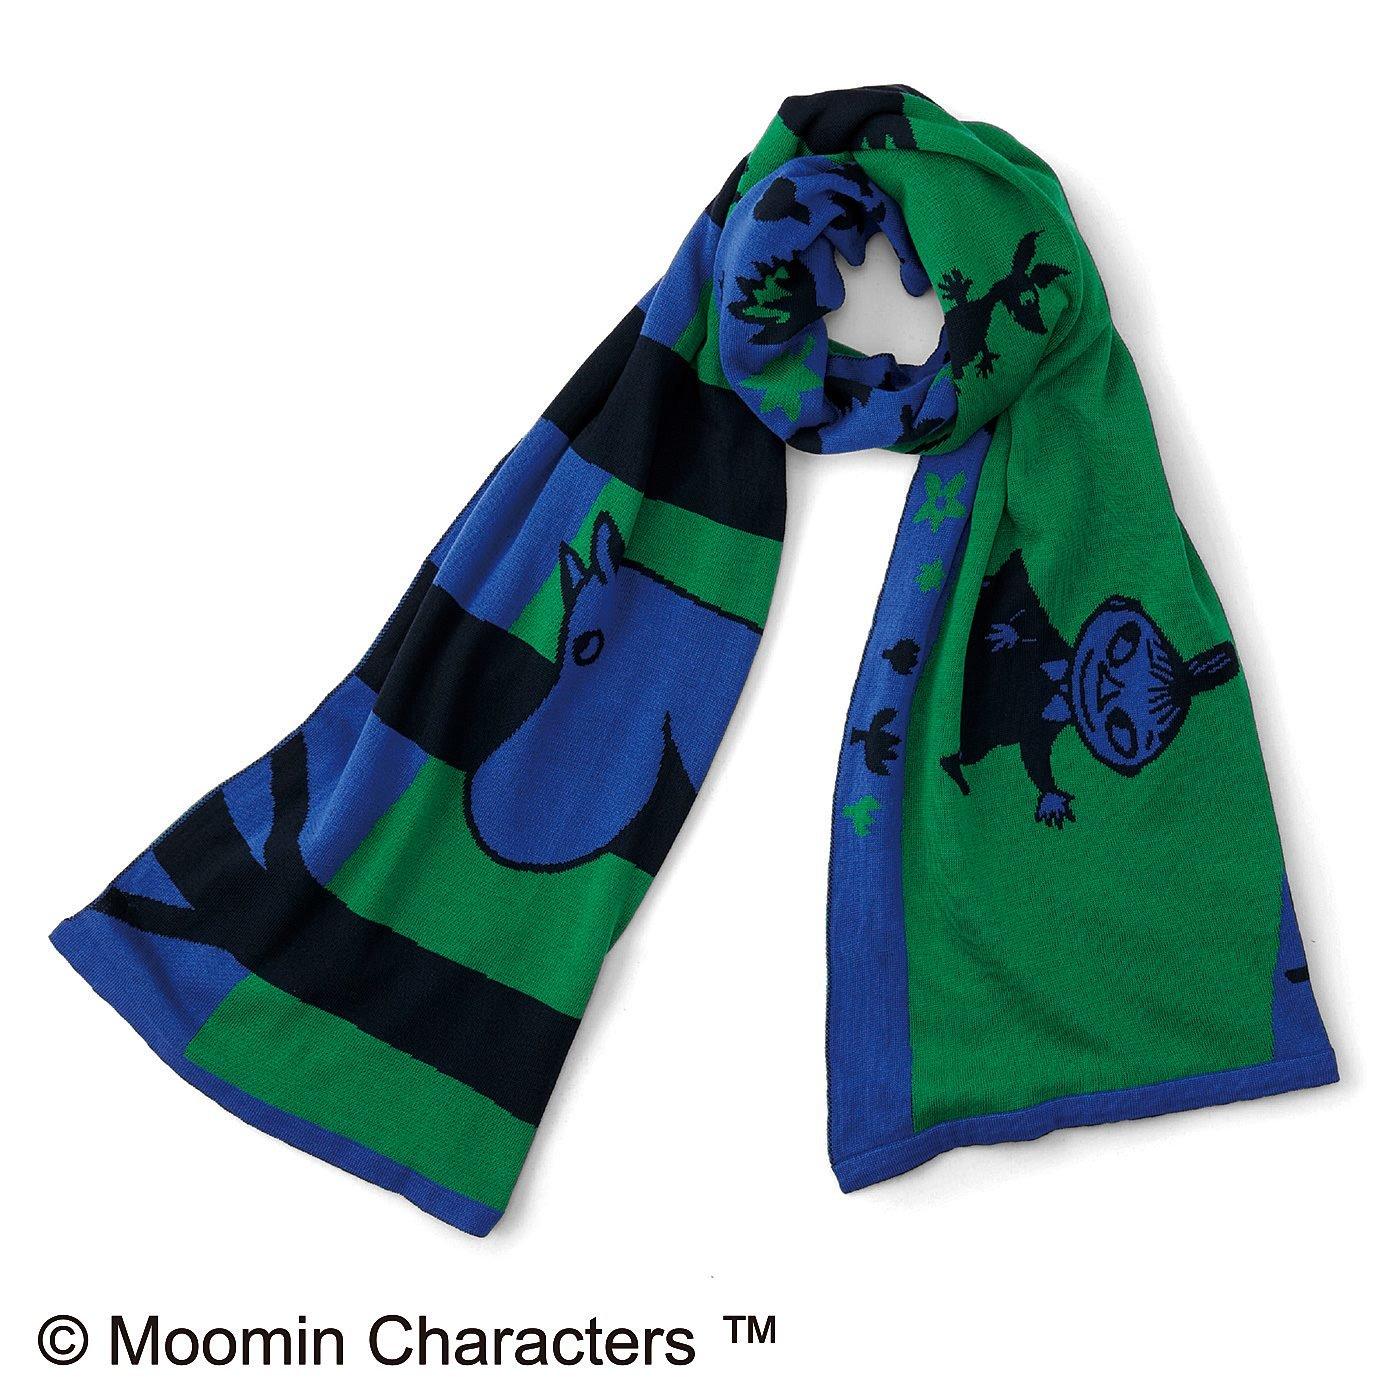 ムーミンと仲間たち 森の中でのんびりストール〈ブルー&グリーン〉